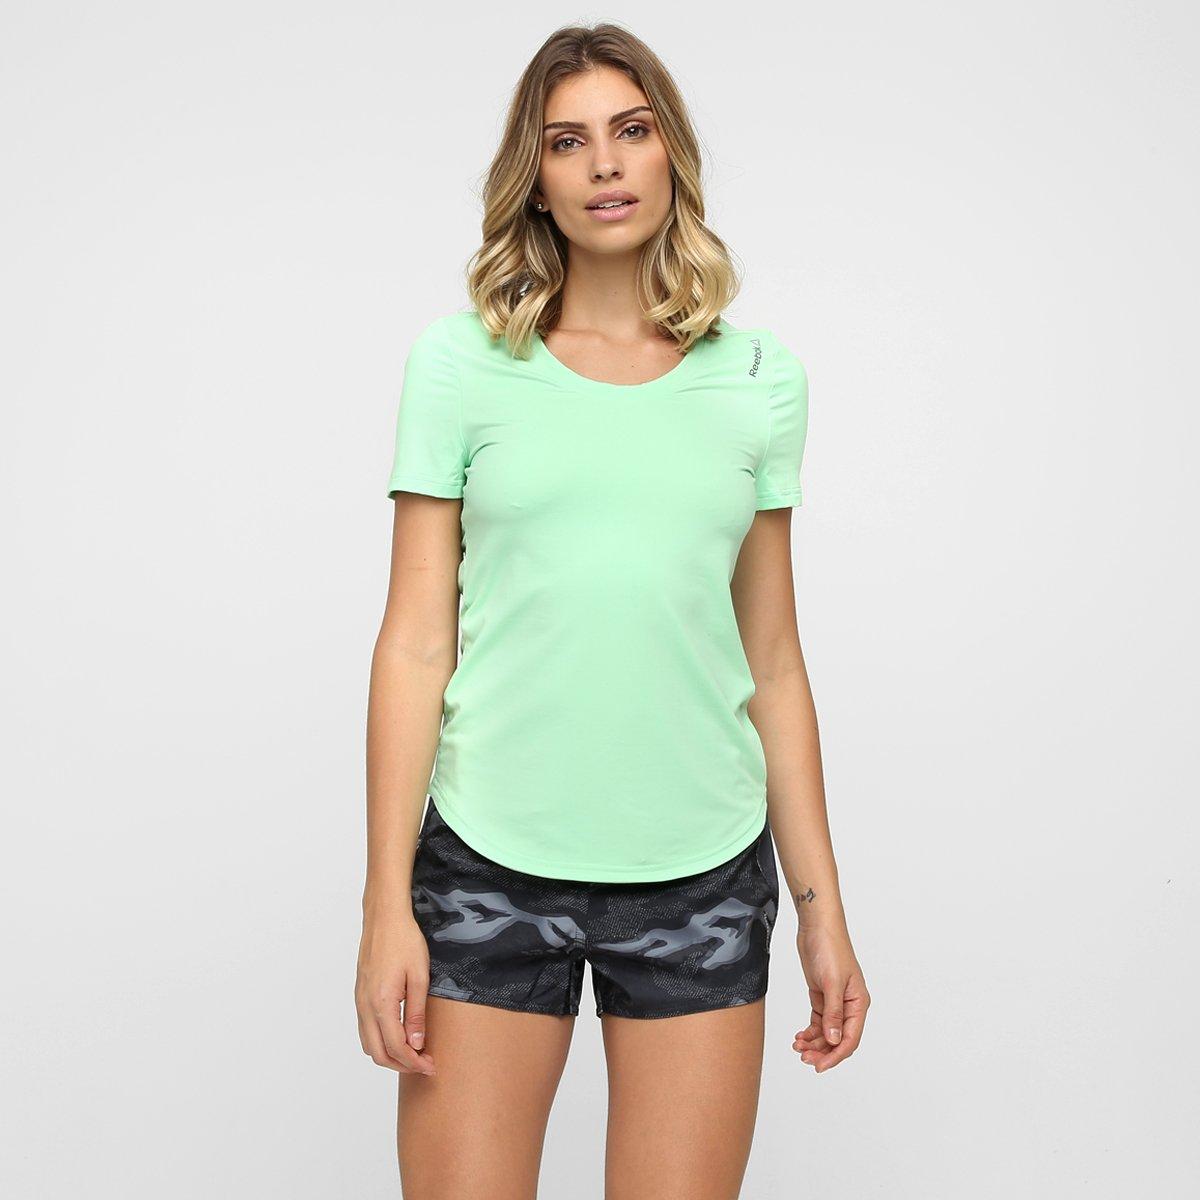 Feminina Camiseta Feminina Reebok claro Pd Verde Wor Camiseta Pd Reebok Wor Verde BAxwB7z